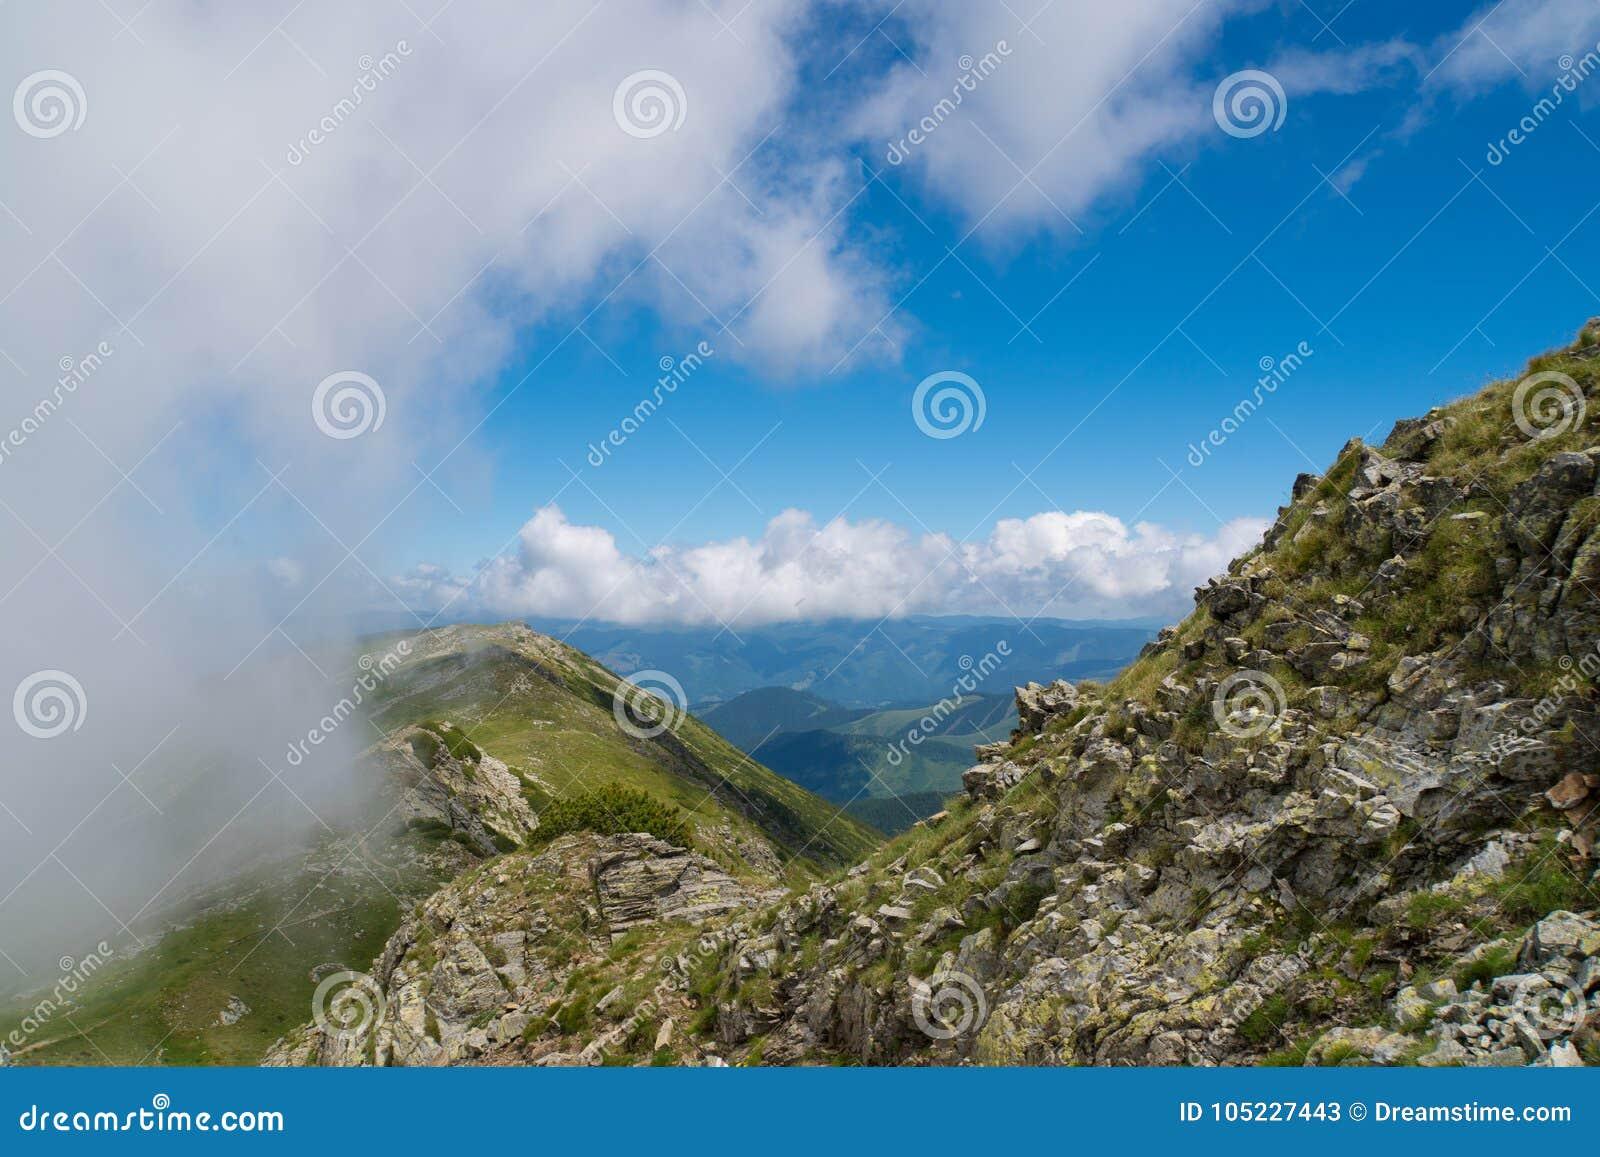 Paisaje salvaje hermoso con montañas rocosas y un cielo hermoso del verano